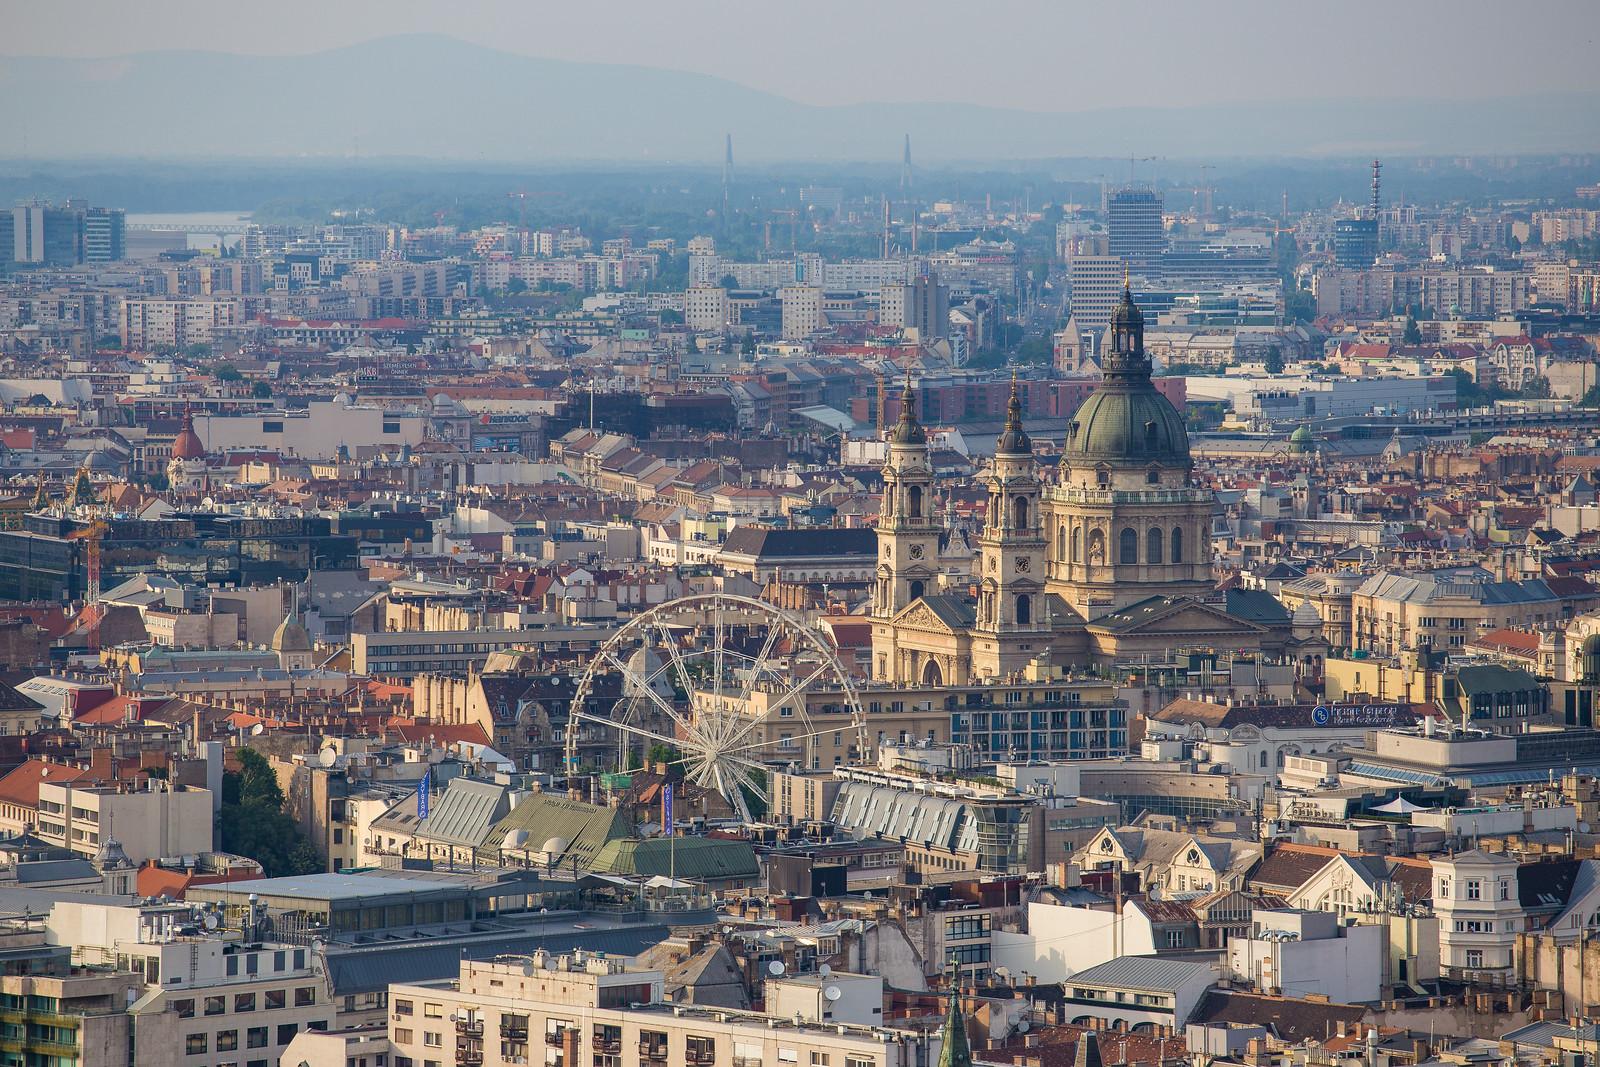 Szent István Bazilika és Váci út a Citadelláról